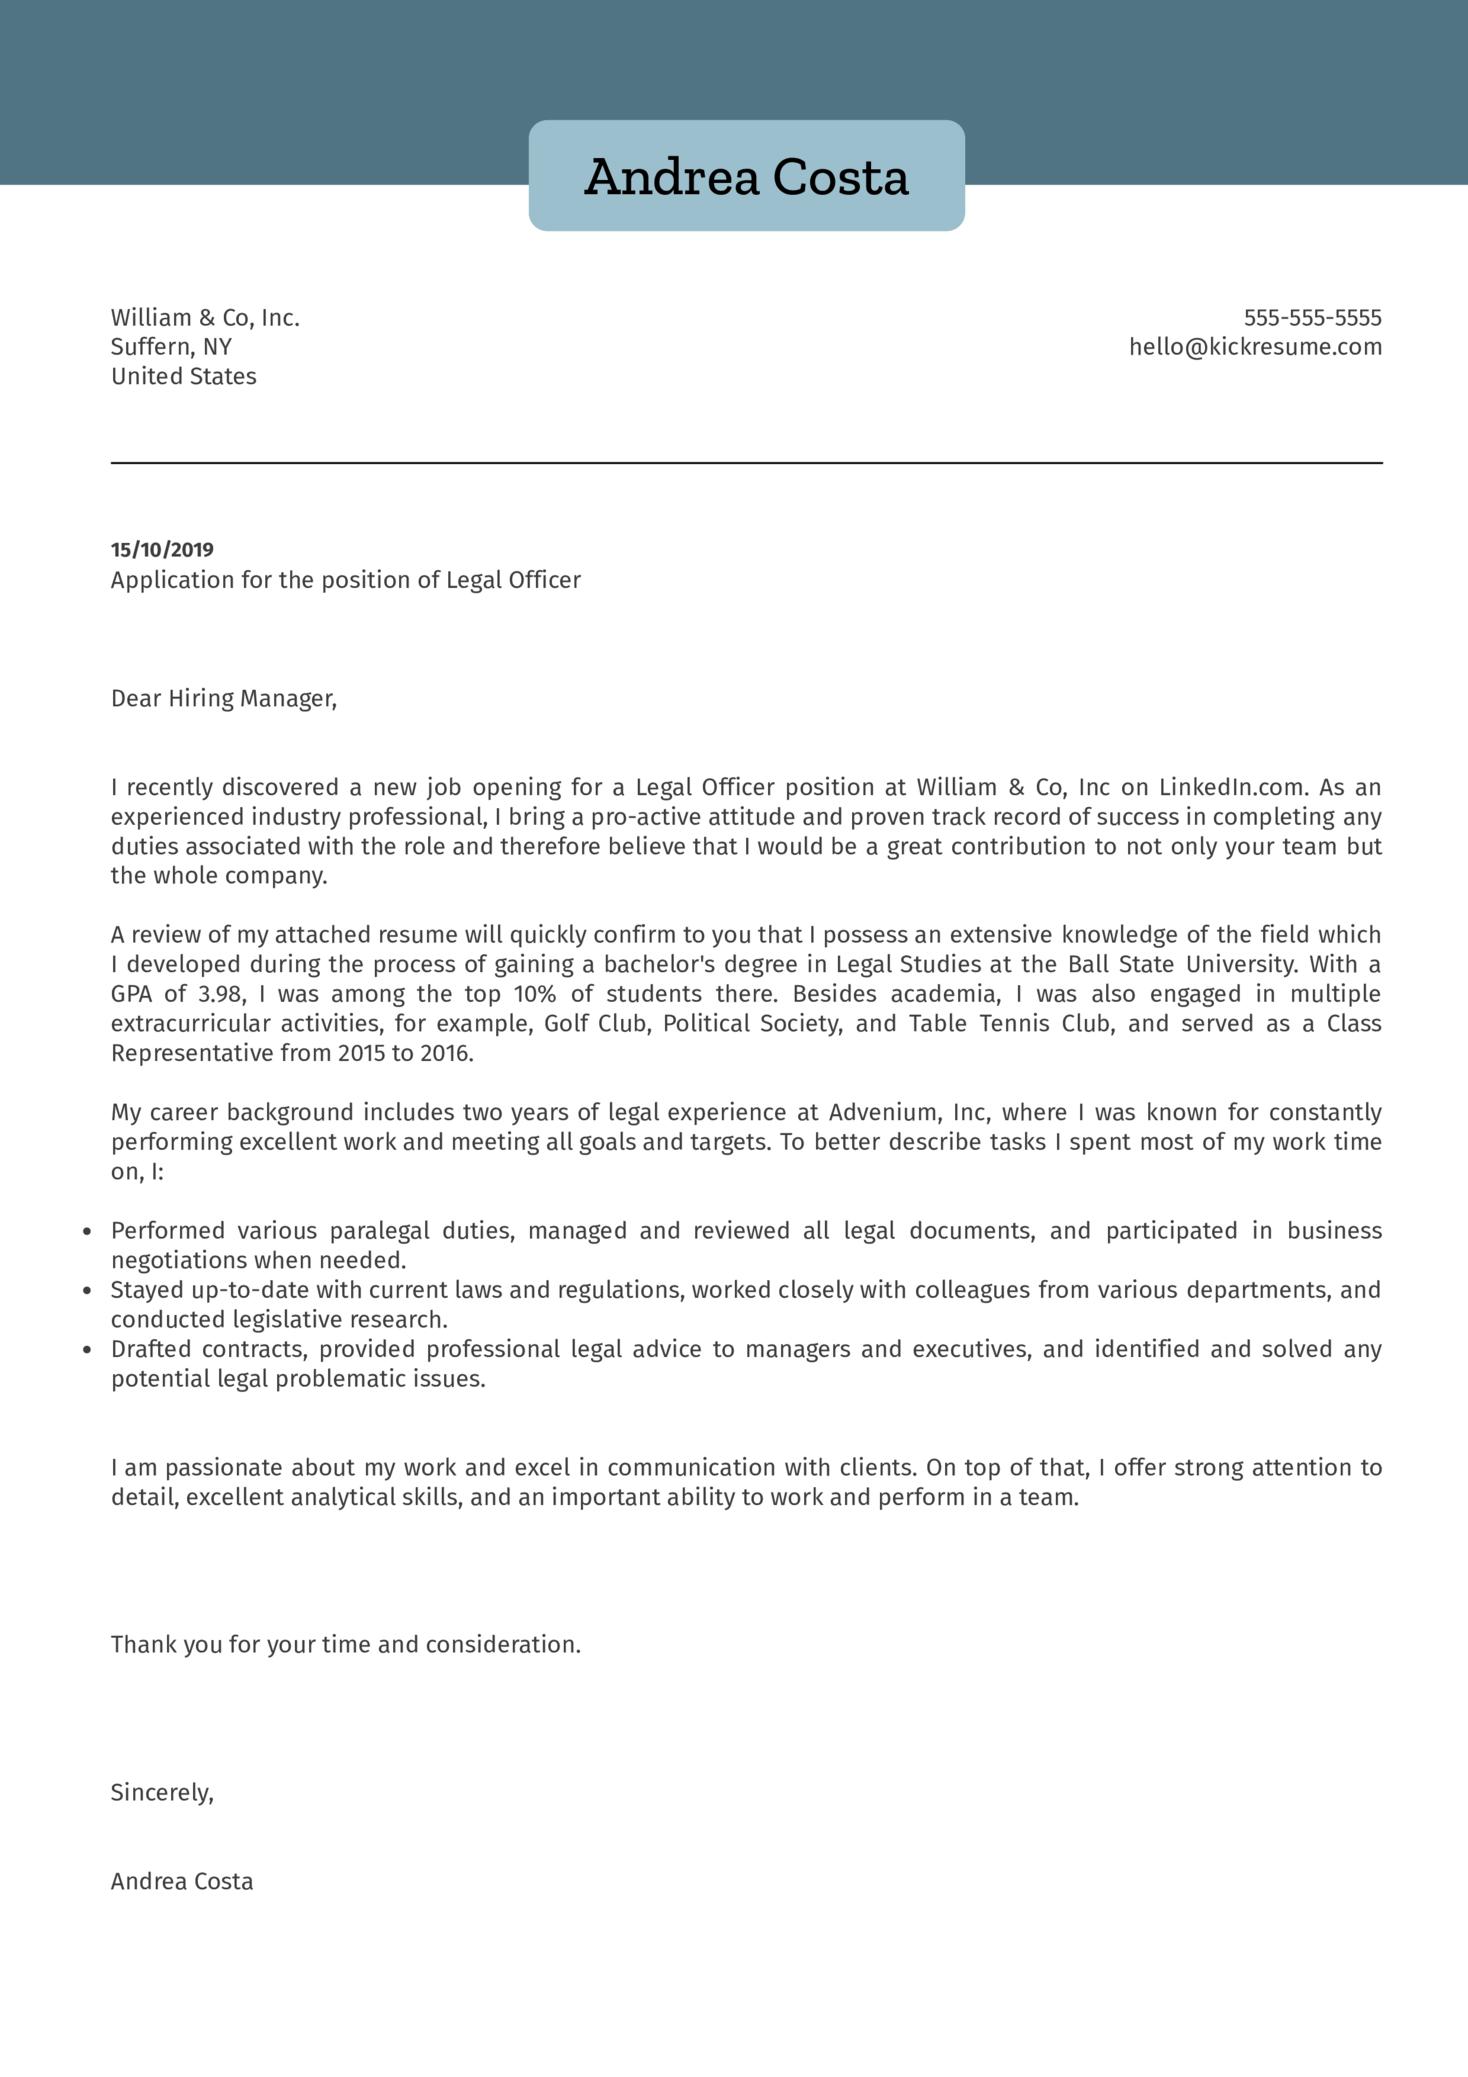 Legal Officer Cover Letter Sample